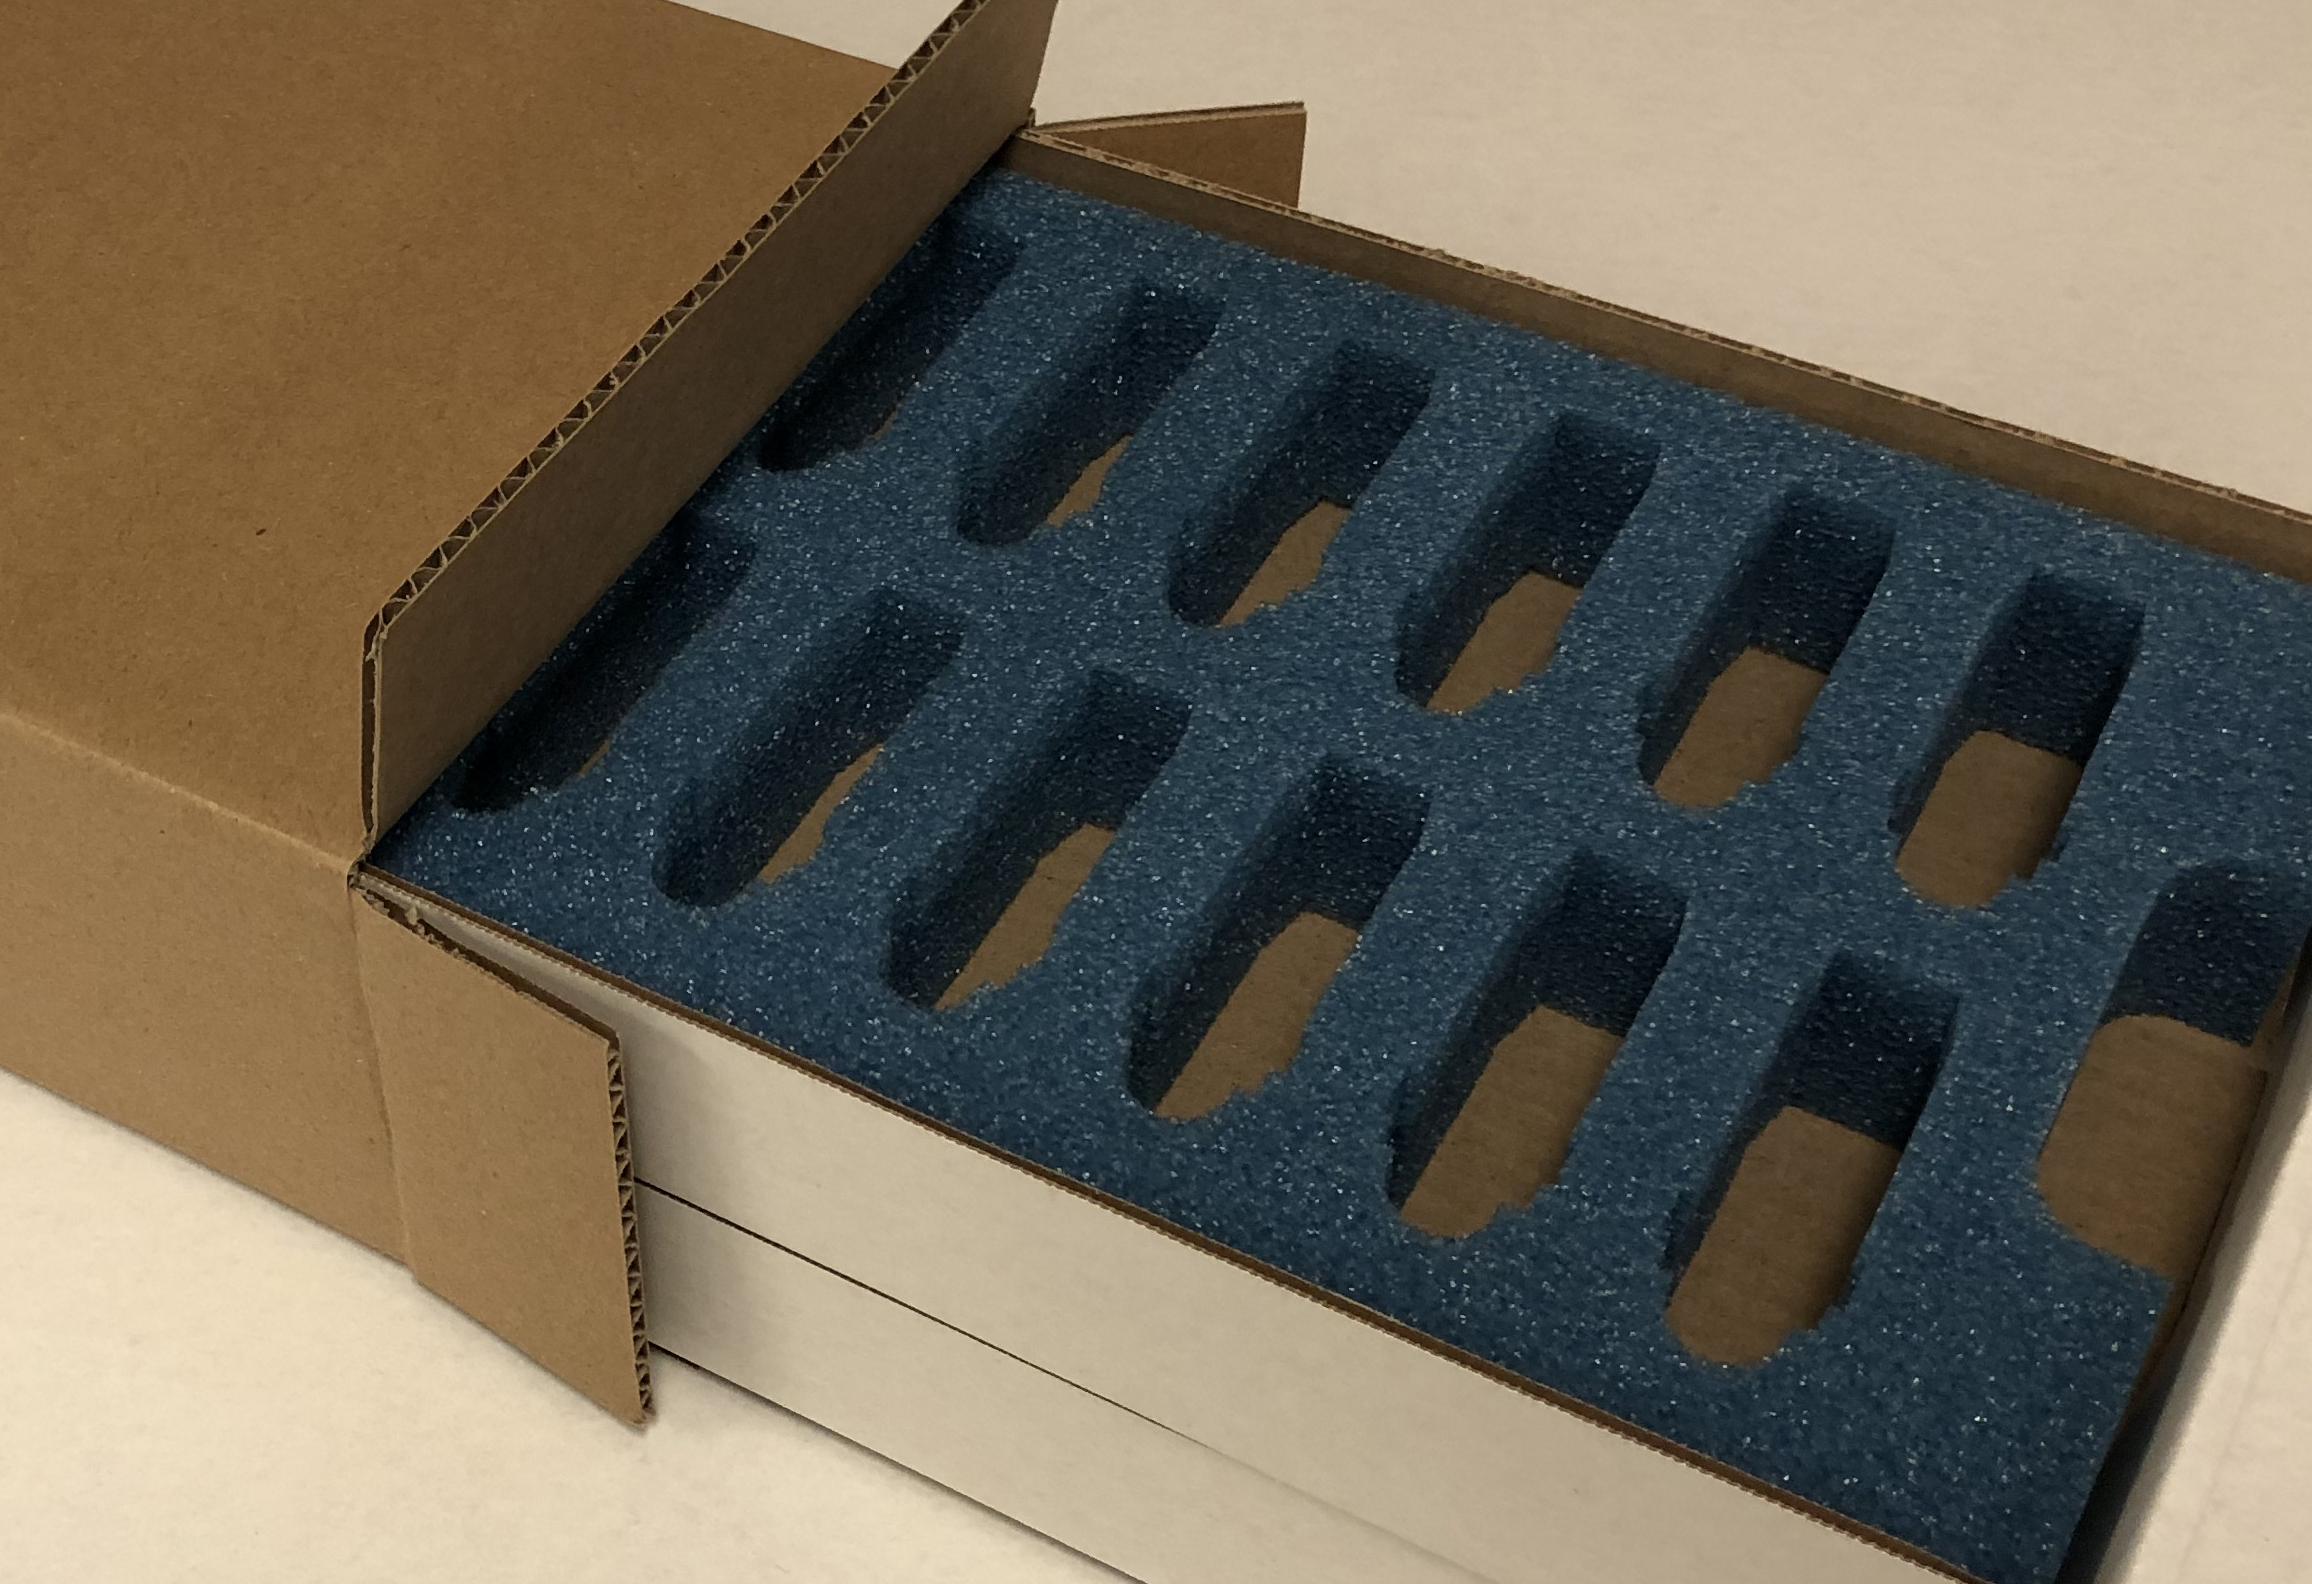 Need Cushion? Use Polyethylene Packing Foam - Corrugated Packaging